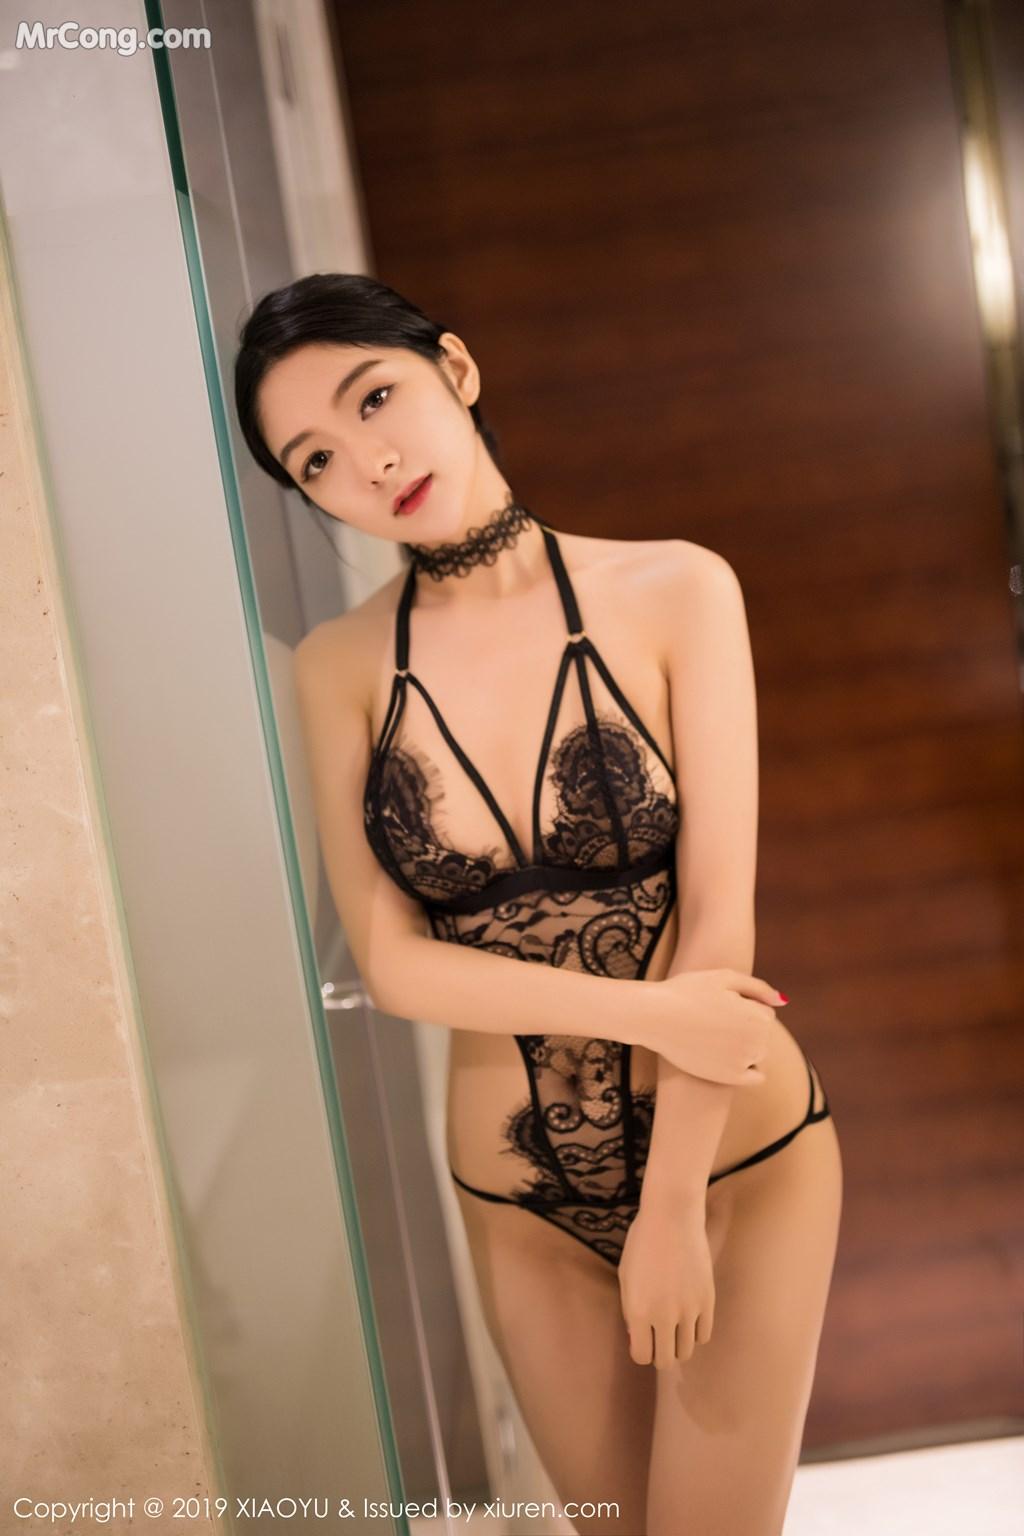 Image XiaoYu-Vol.041-Xiao-Reba-Angela-MrCong.com-002 in post XiaoYu Vol.041: Xiao Reba (Angela喜欢猫) (43 ảnh)